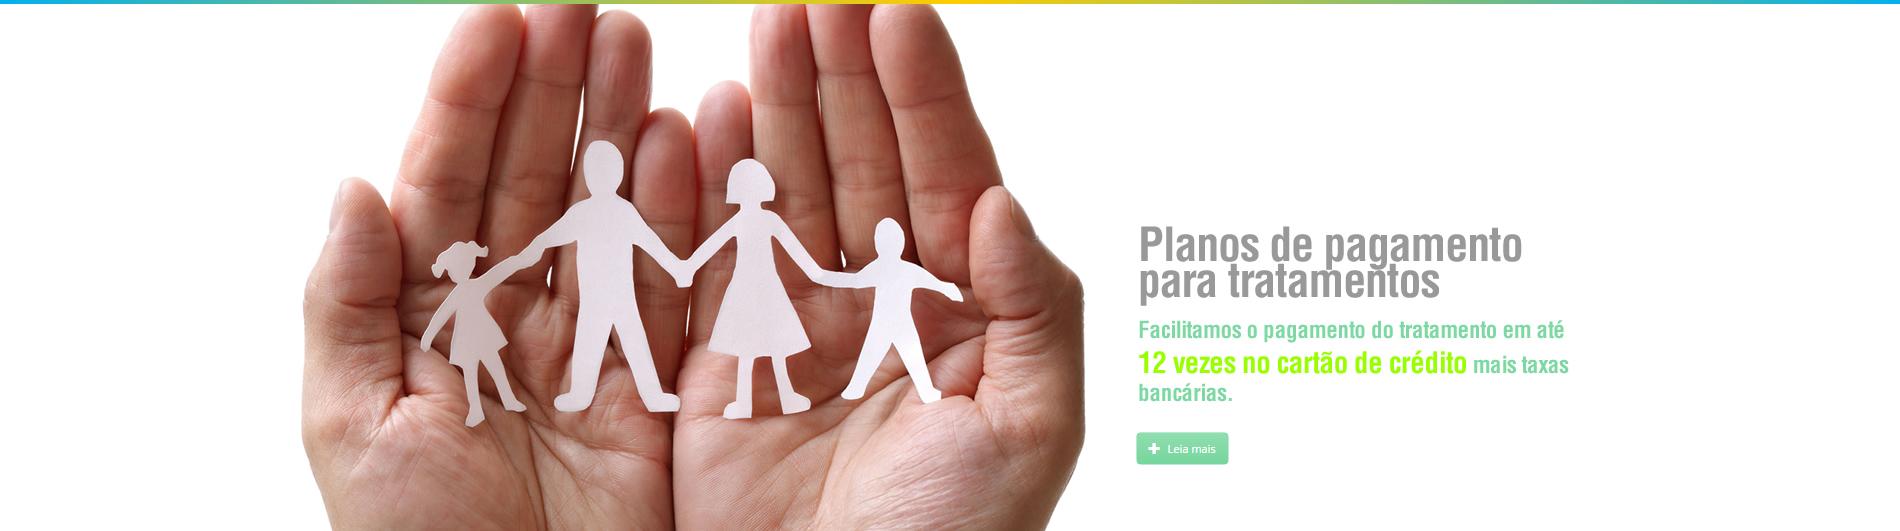 Planos para tratamento de dependência química